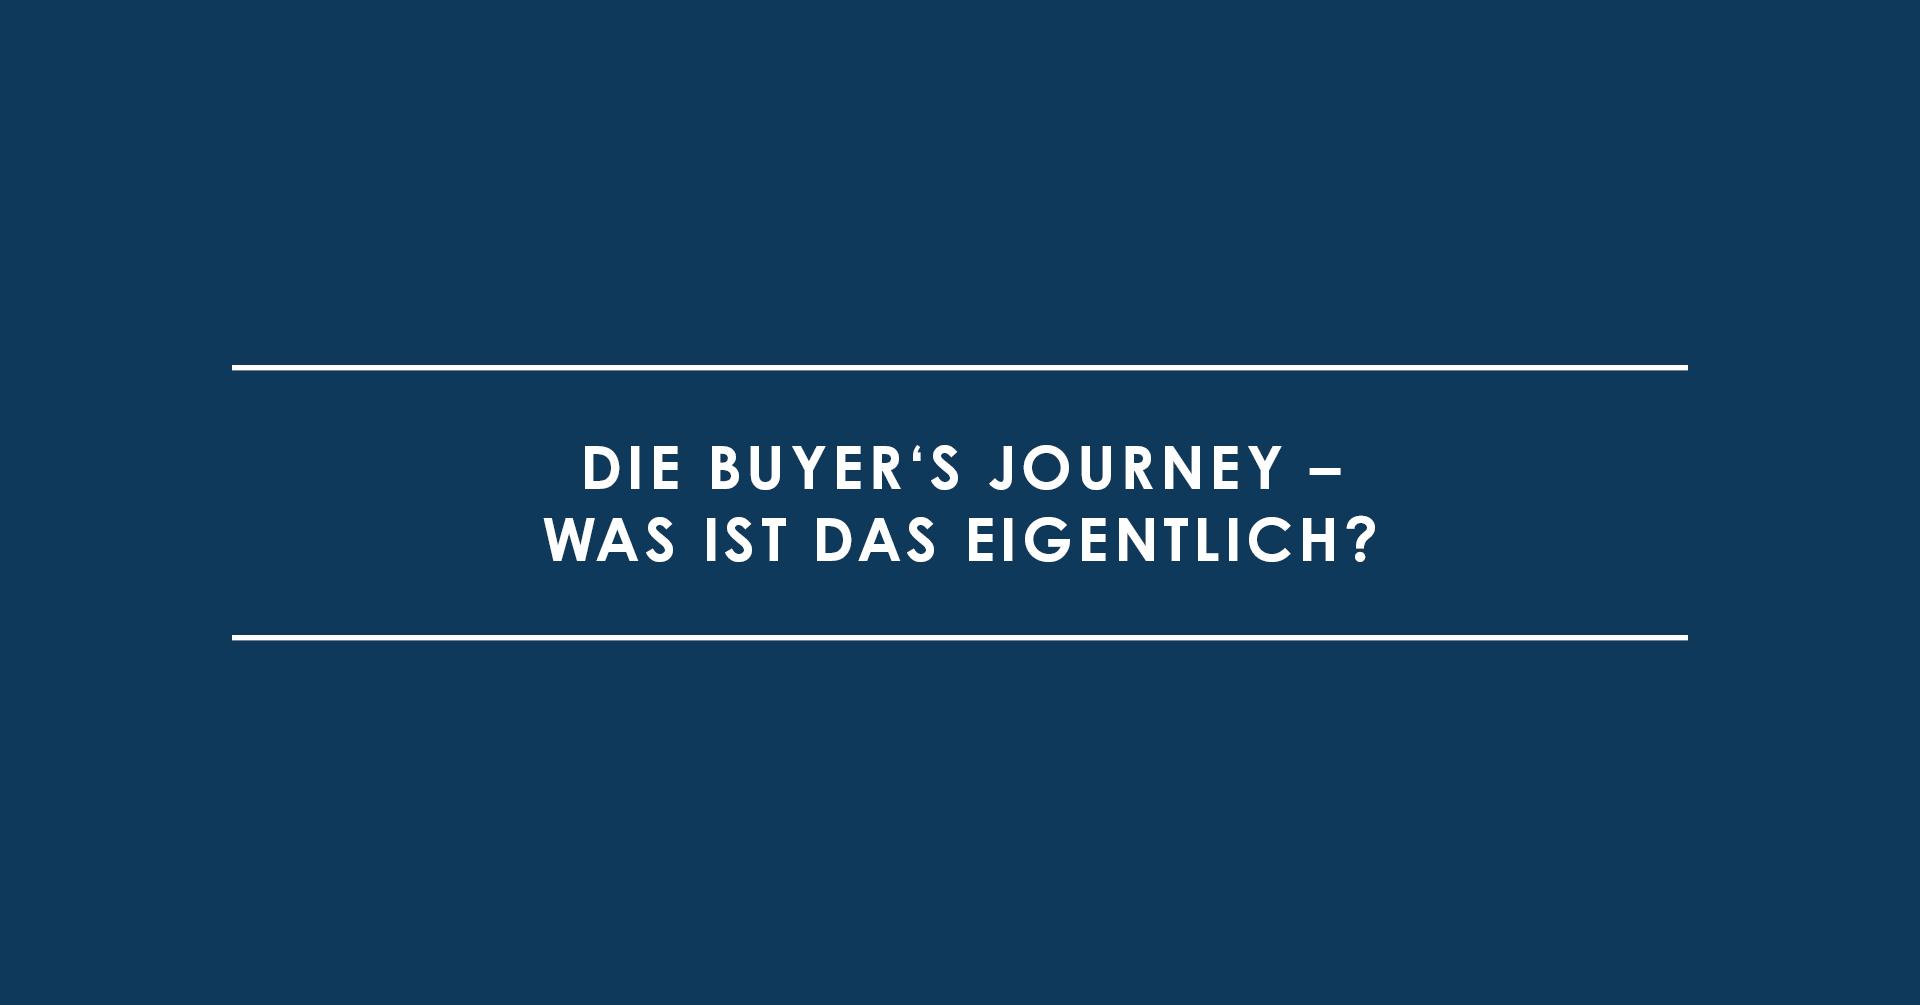 Die Buyer's Journey – was ist das eigentlich?